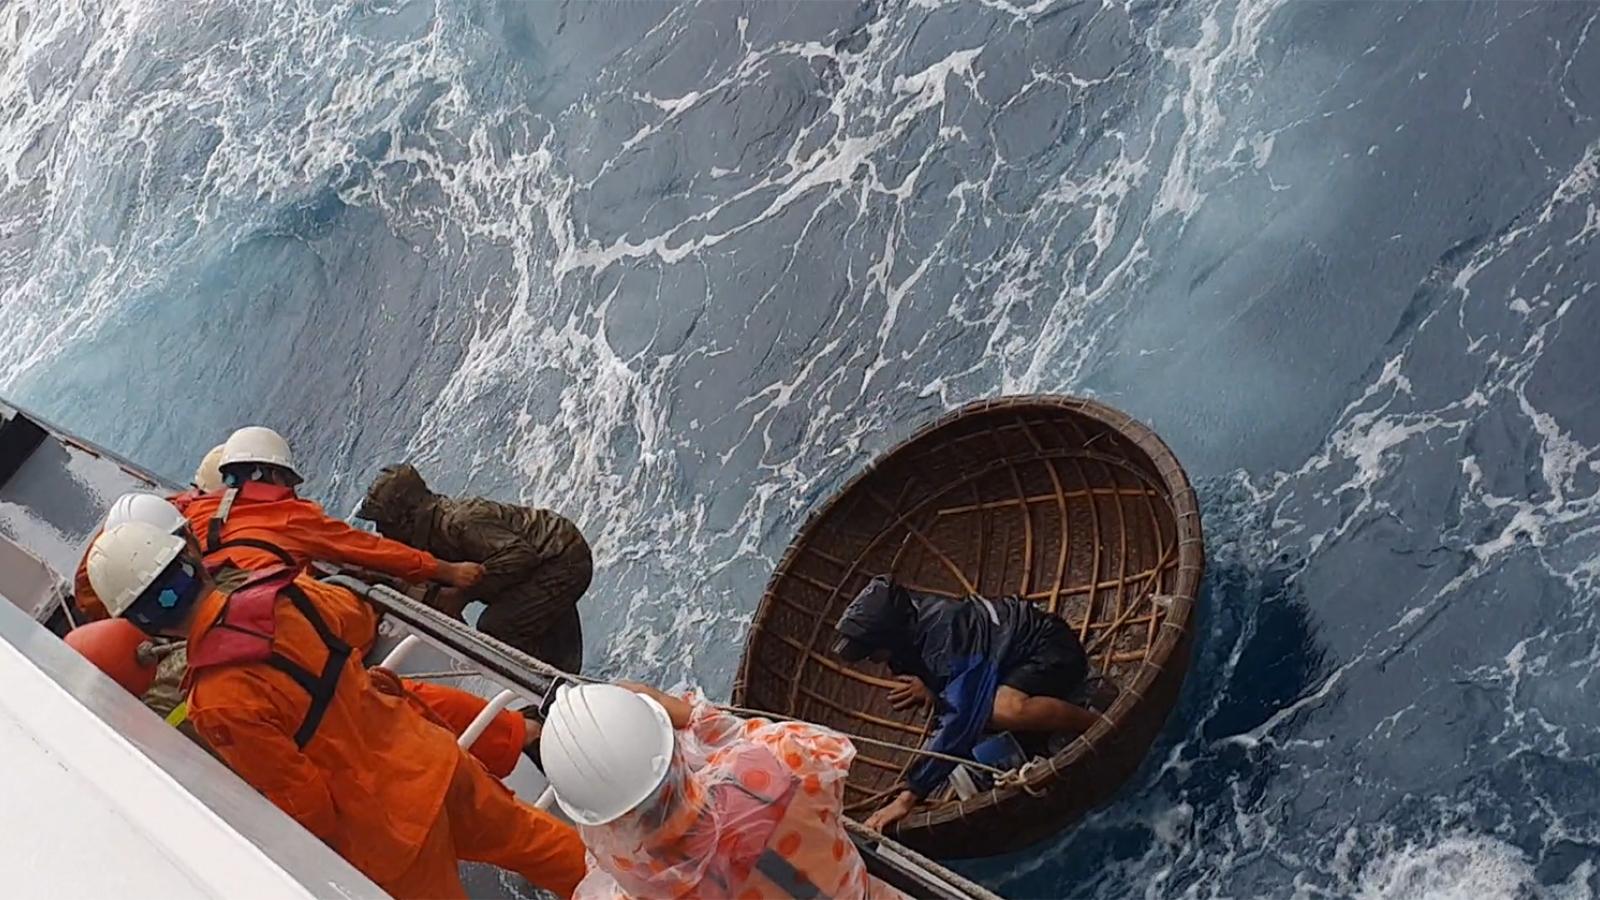 Cứu 2 thuyền viên trên tàu cá bị chìm ở vùng biển tỉnh Quảng Nam